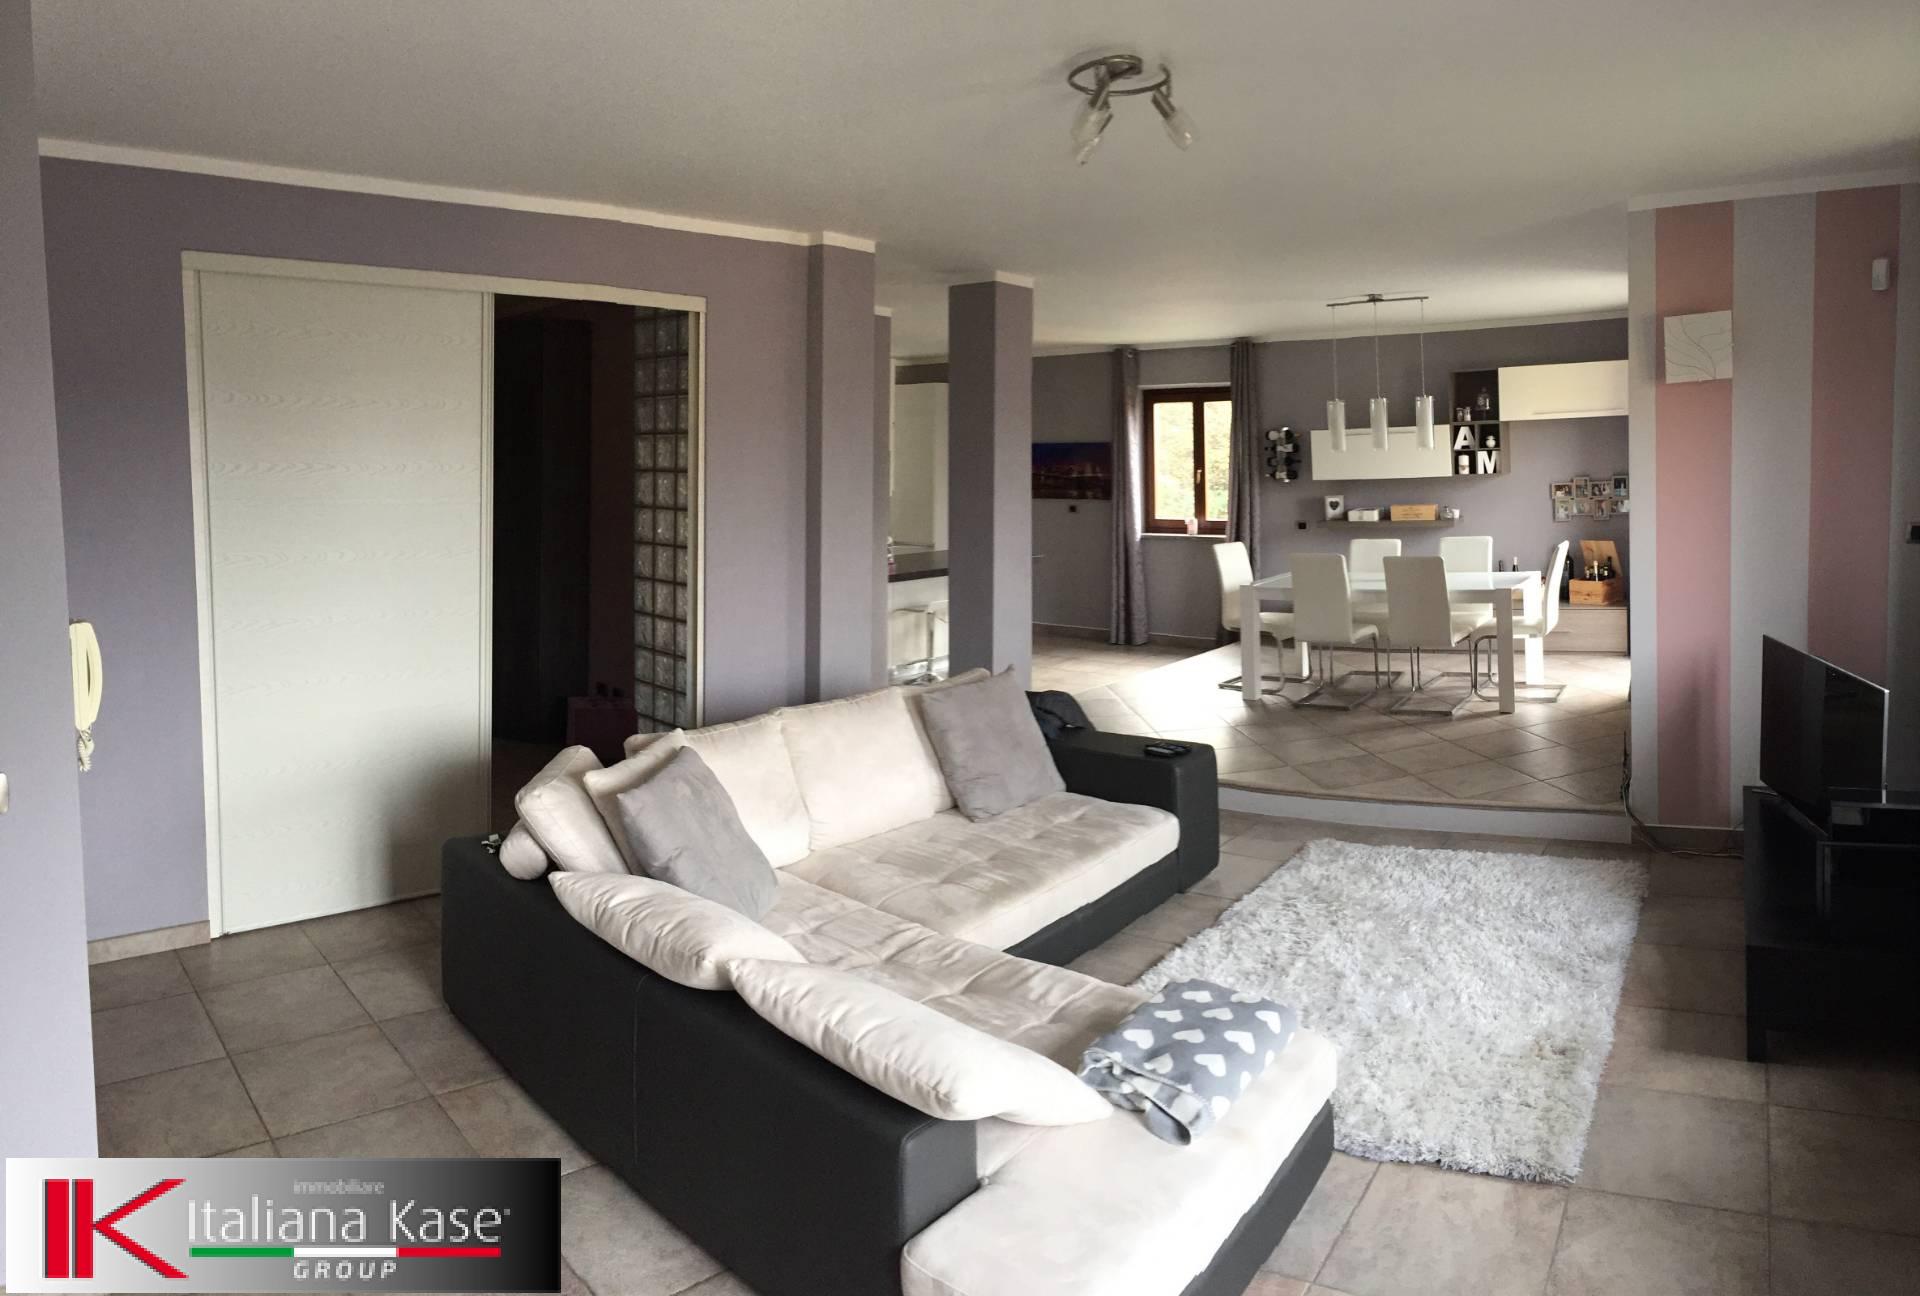 Appartamento in vendita a Castiglione Torinese, 5 locali, prezzo € 225.000 | CambioCasa.it